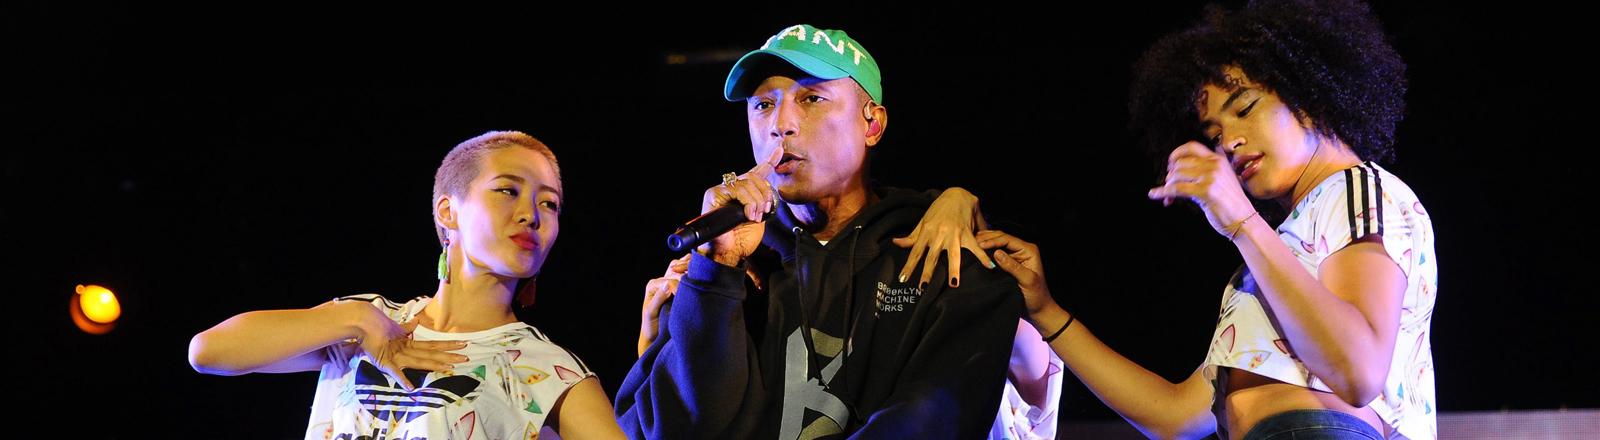 Pharrell Williams auf der Bühne mit Tänzerinnen.